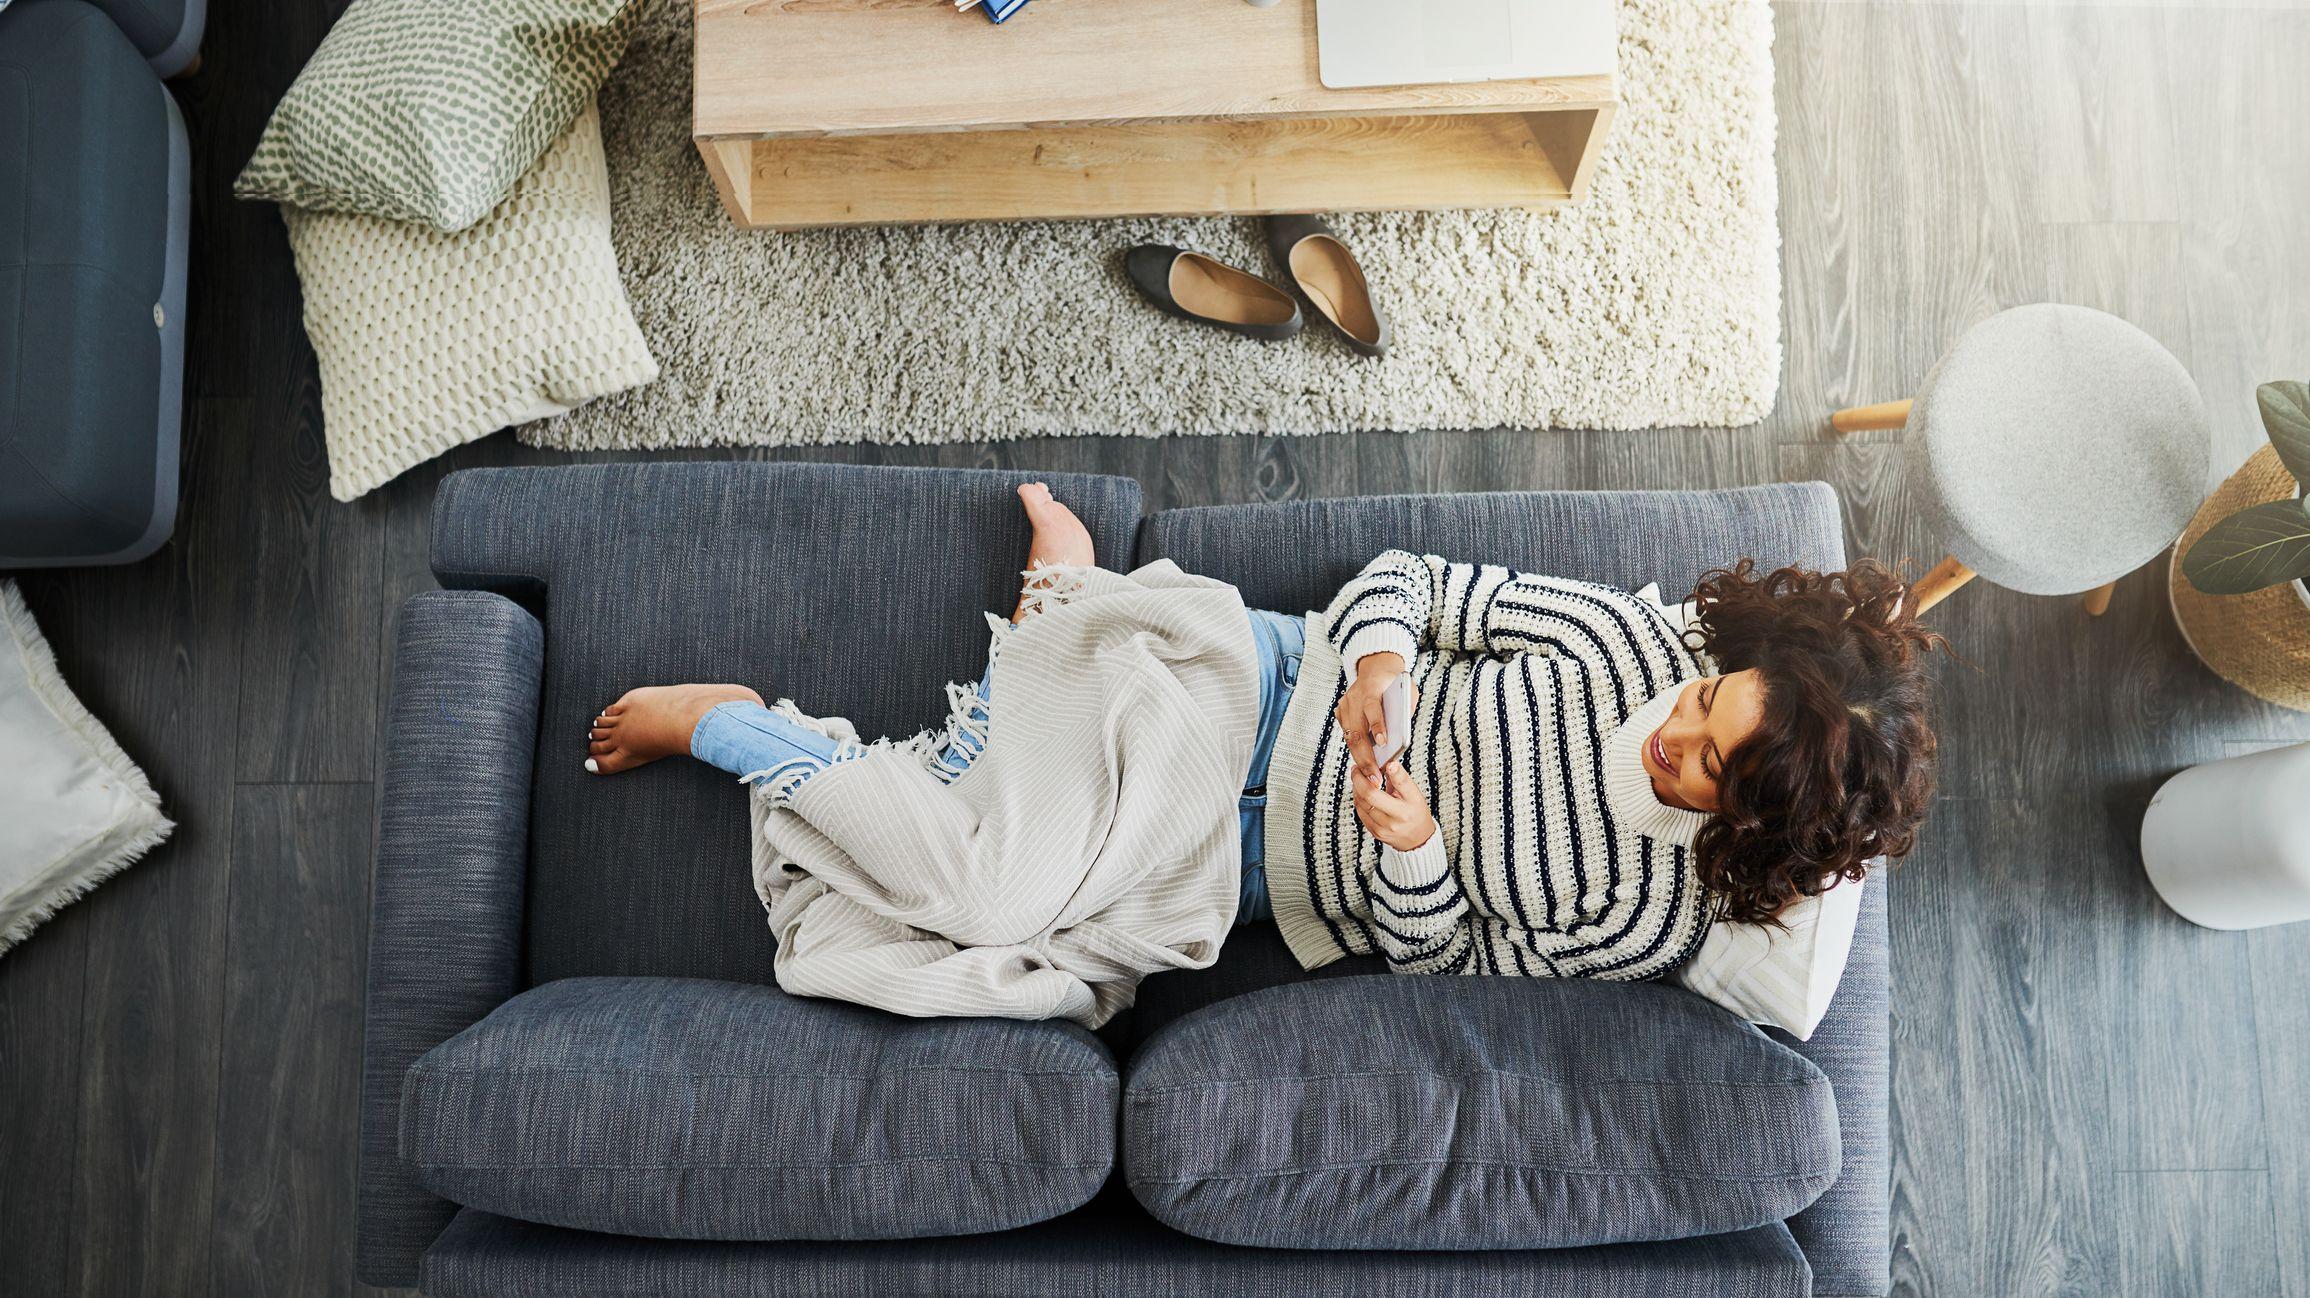 kvinne i sofa med mobil